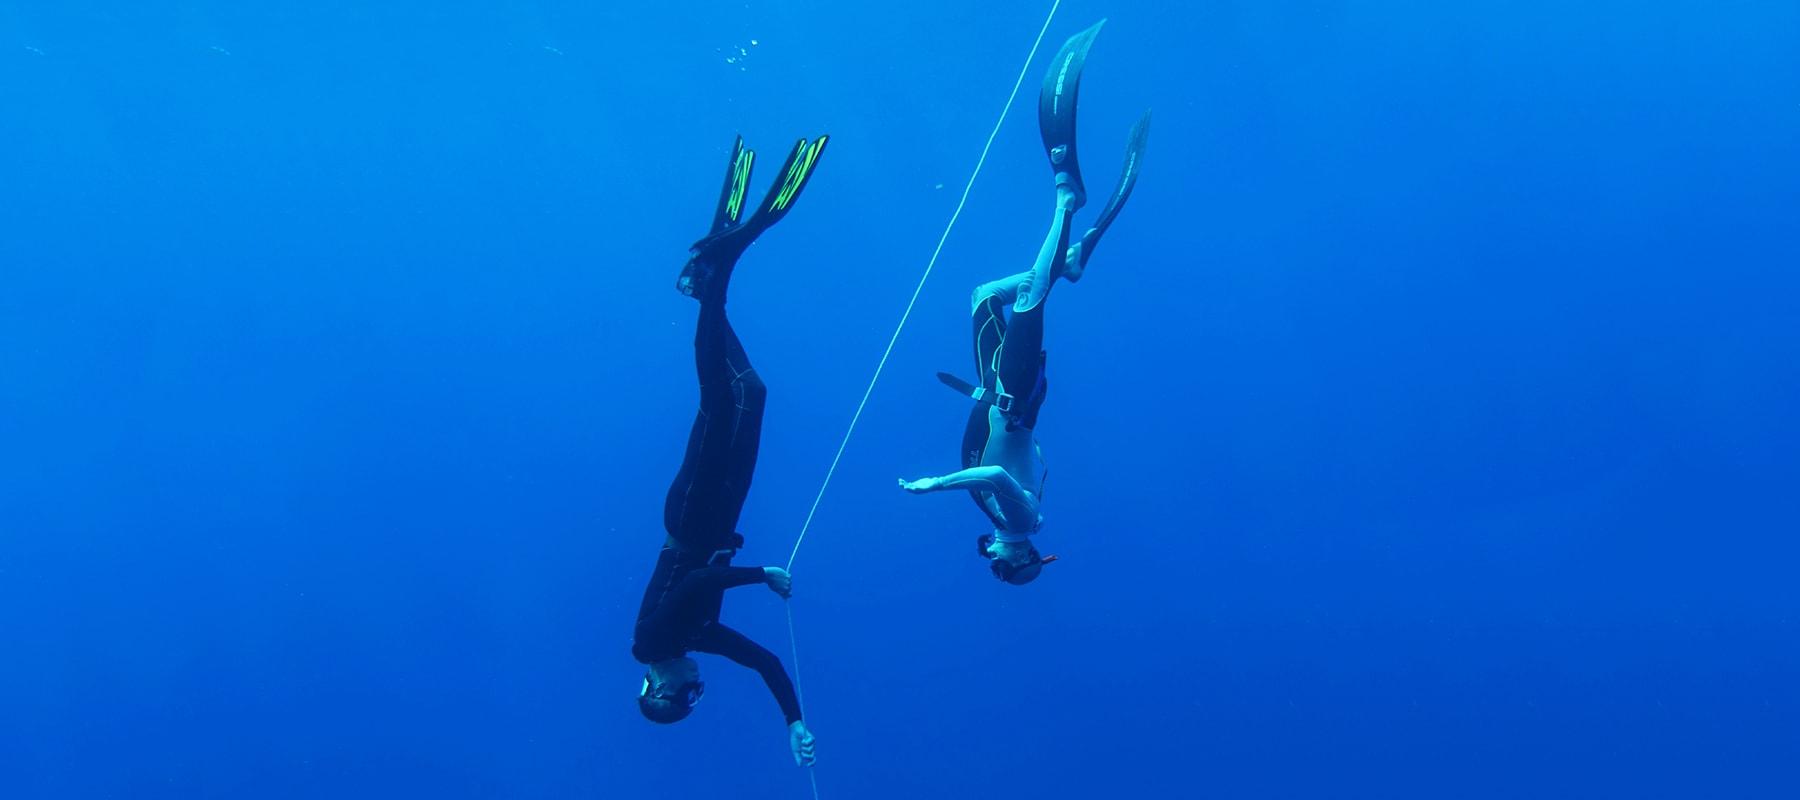 freediver-02